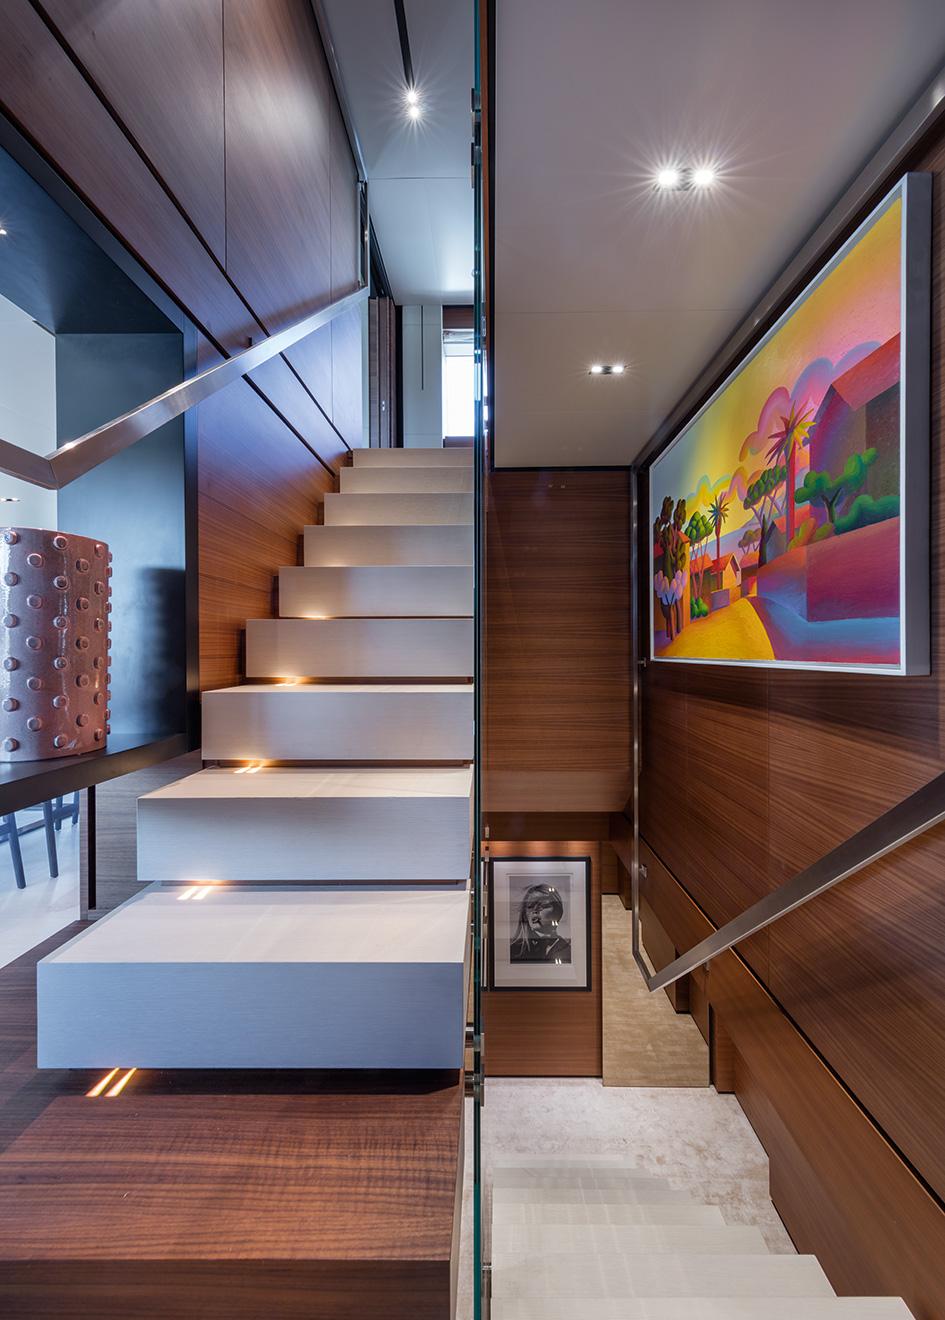 the-staircase-of-the-ferretti-custom-line-motor-yacht-telli-credit-alberto-cocchi